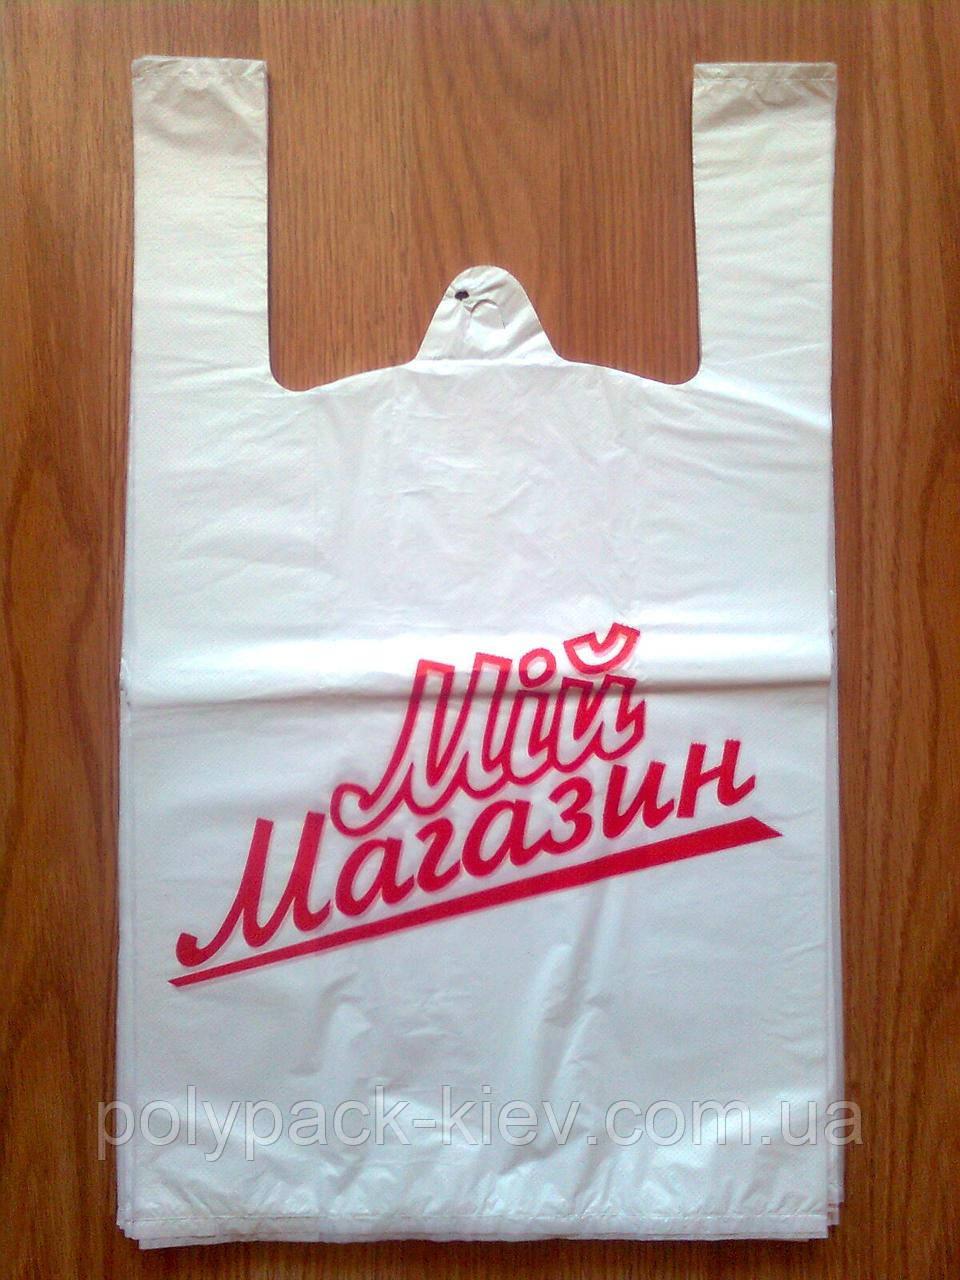 """Пакет майка белый """"Мій магазин"""" 29х49 см/25 мкм, полиэтиленовые пакеты белые с логотипом, белая майка купить"""